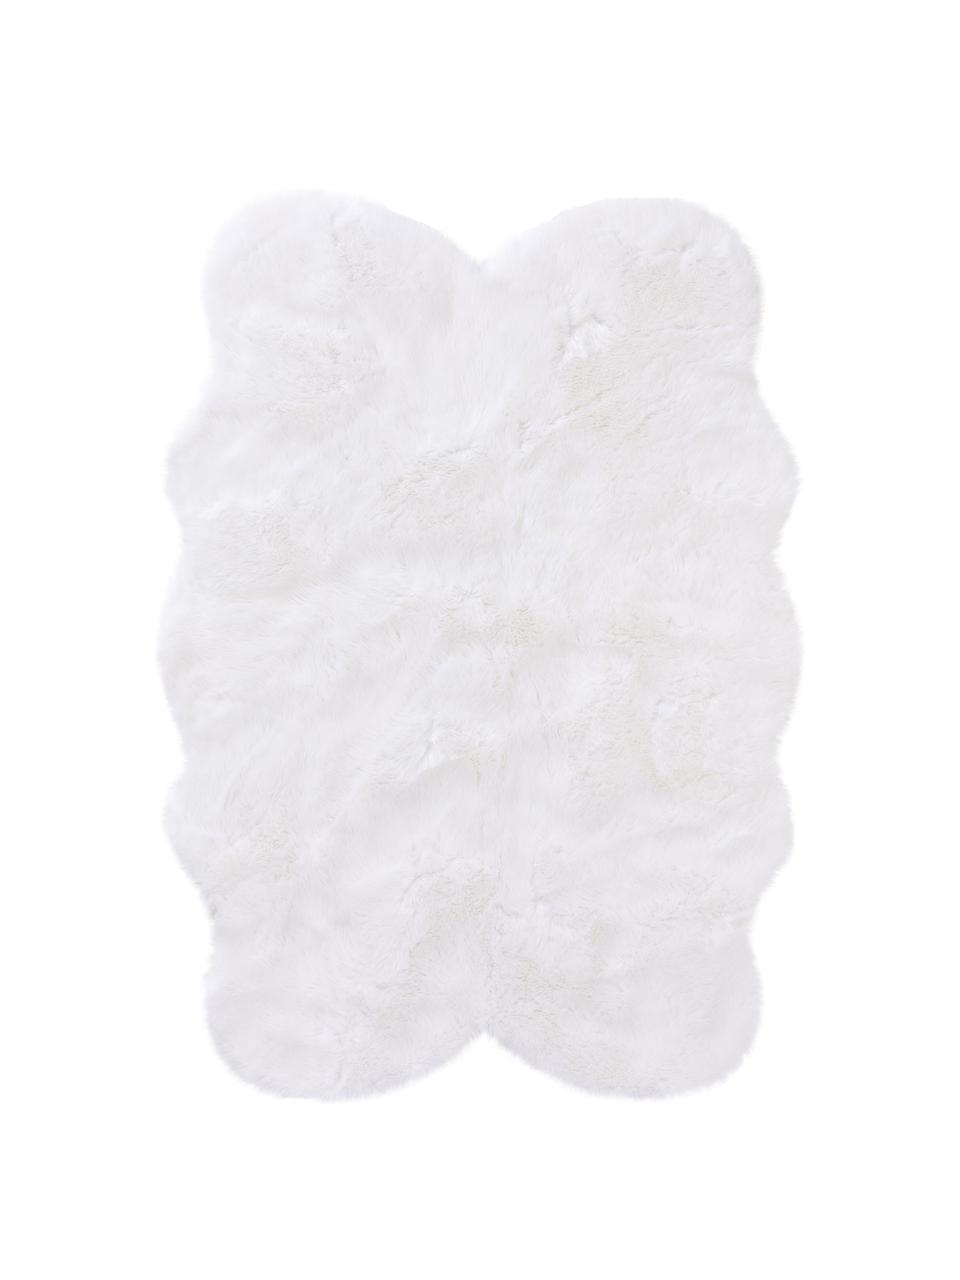 Tappeto morbido in ecopelliccia bianca Elmo, Retro: poliestere, Bianco, Larg. 140 x Lung. 200 cm (taglia S)